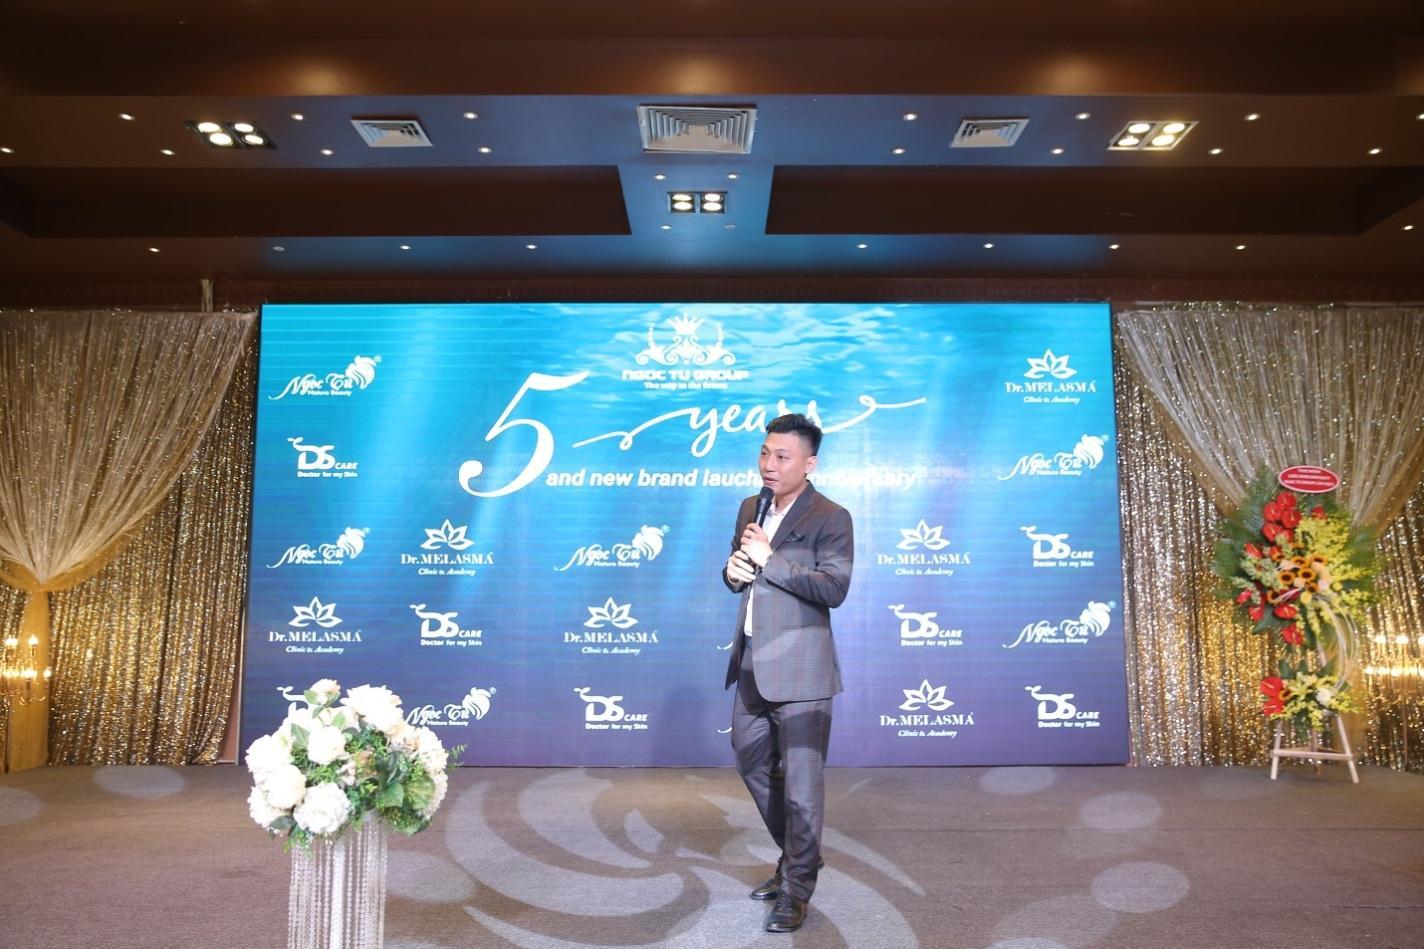 Ngọc Tú Group tưng bừng kỉ niệm sinh nhật lần thứ 5 tại Hà Nội - Ảnh 1